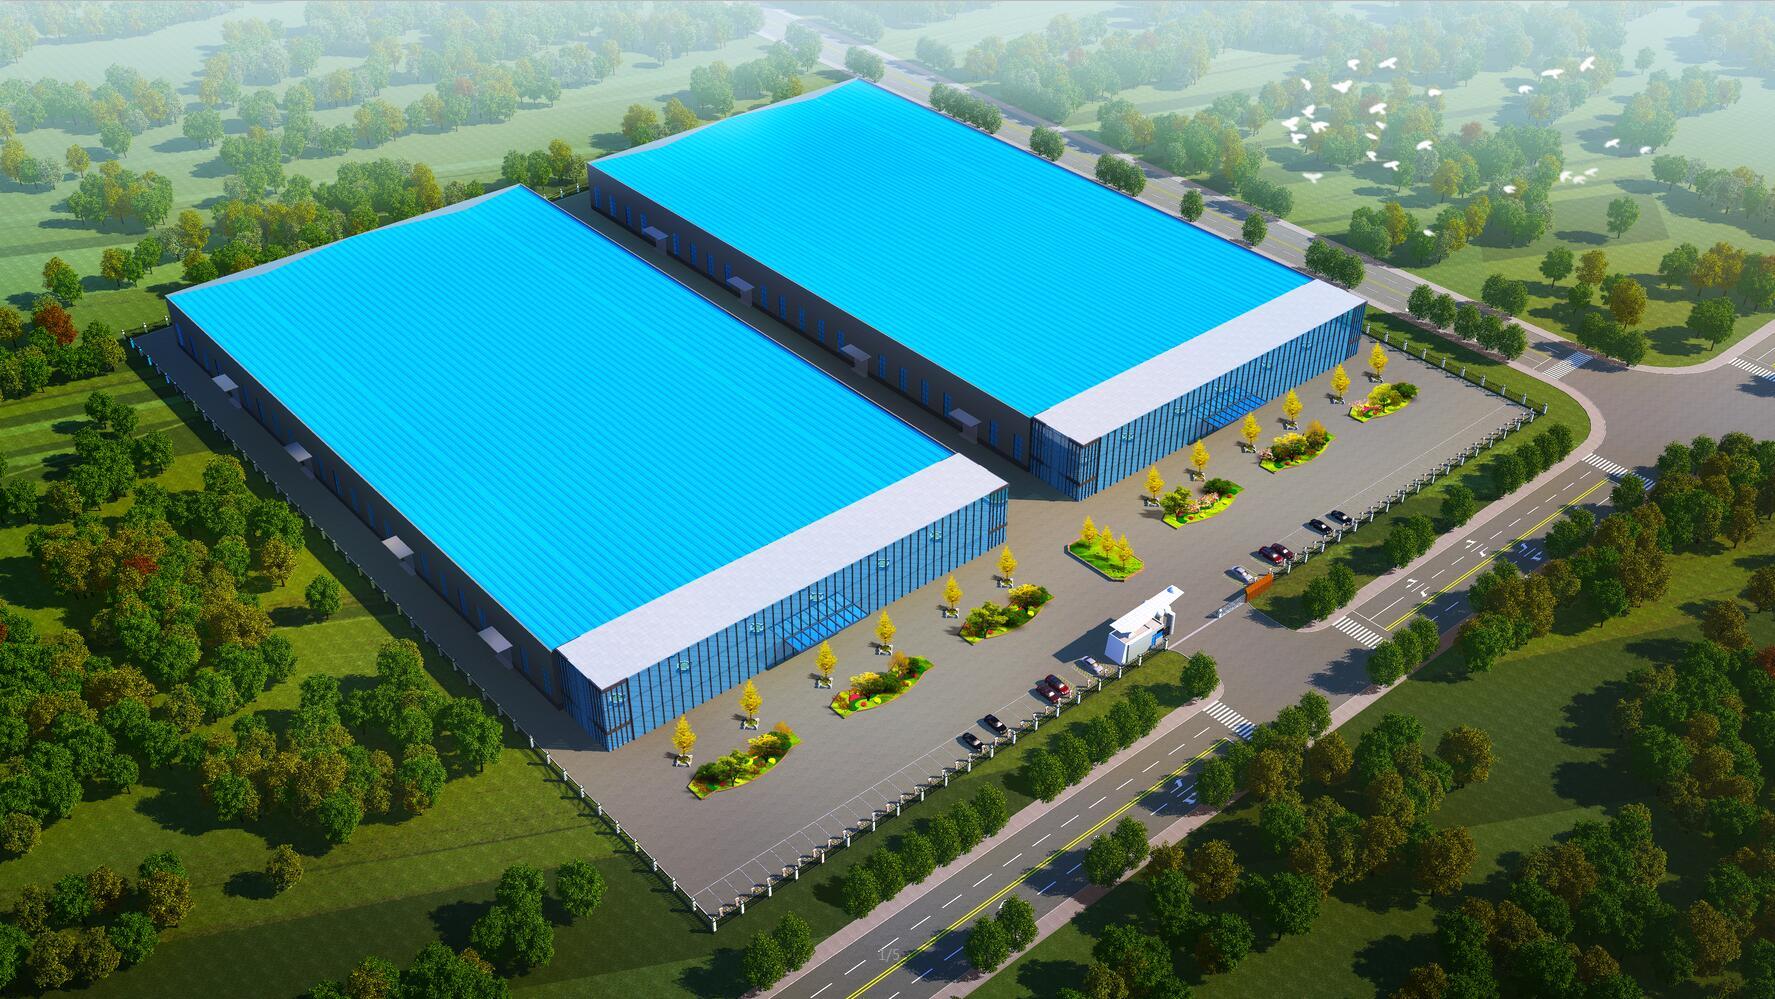 厂房效果图厂区车间鸟瞰图工厂工业园区透视图规划效果图制作设计